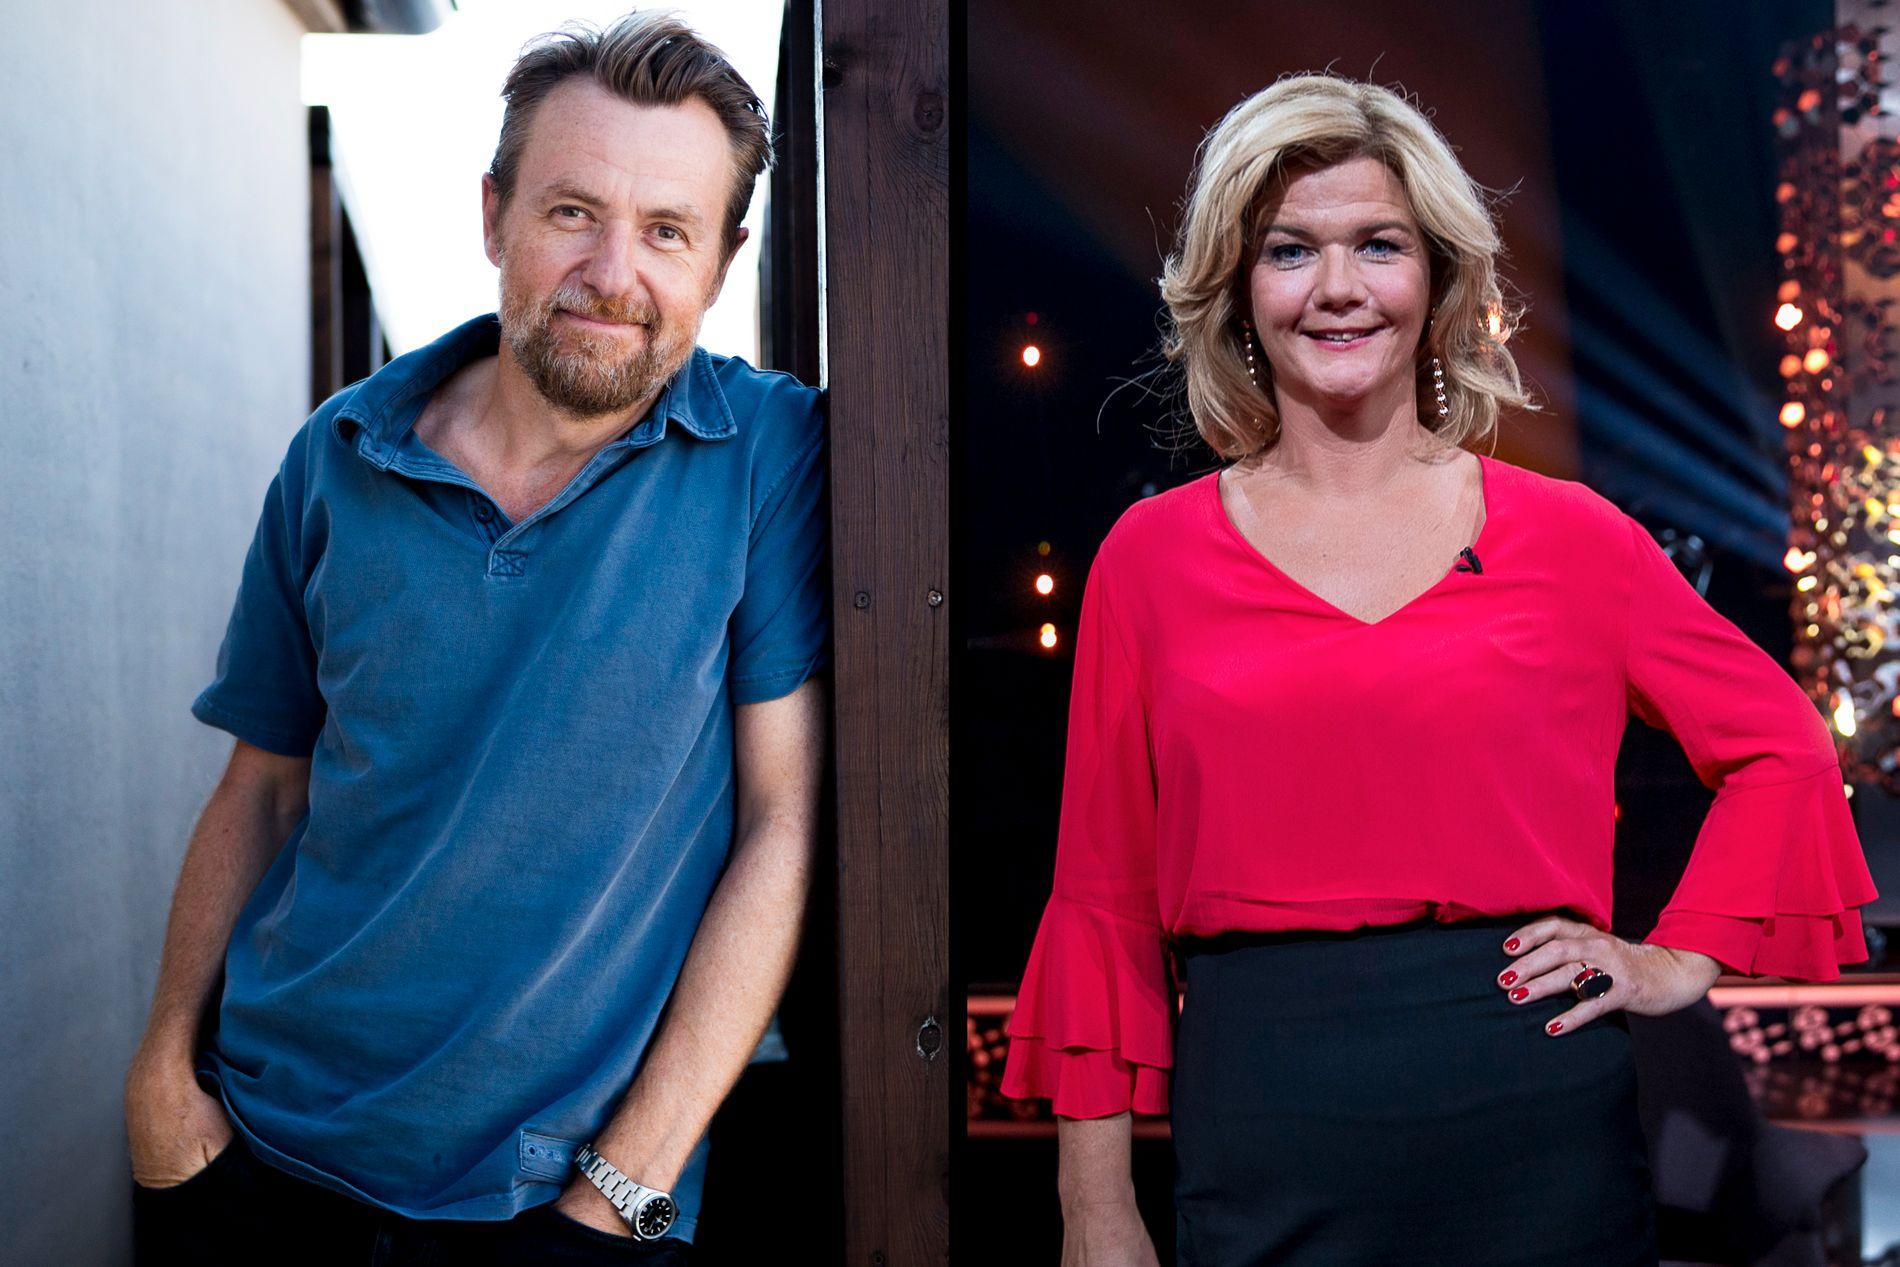 KLARE TIL KAMP: Anne Lindmo har allerede «varmet opp» de siste to fredagene og klar for talkshow-krig mot sin gamle kollega Fredrik Skavlan som nå er på TV 2.